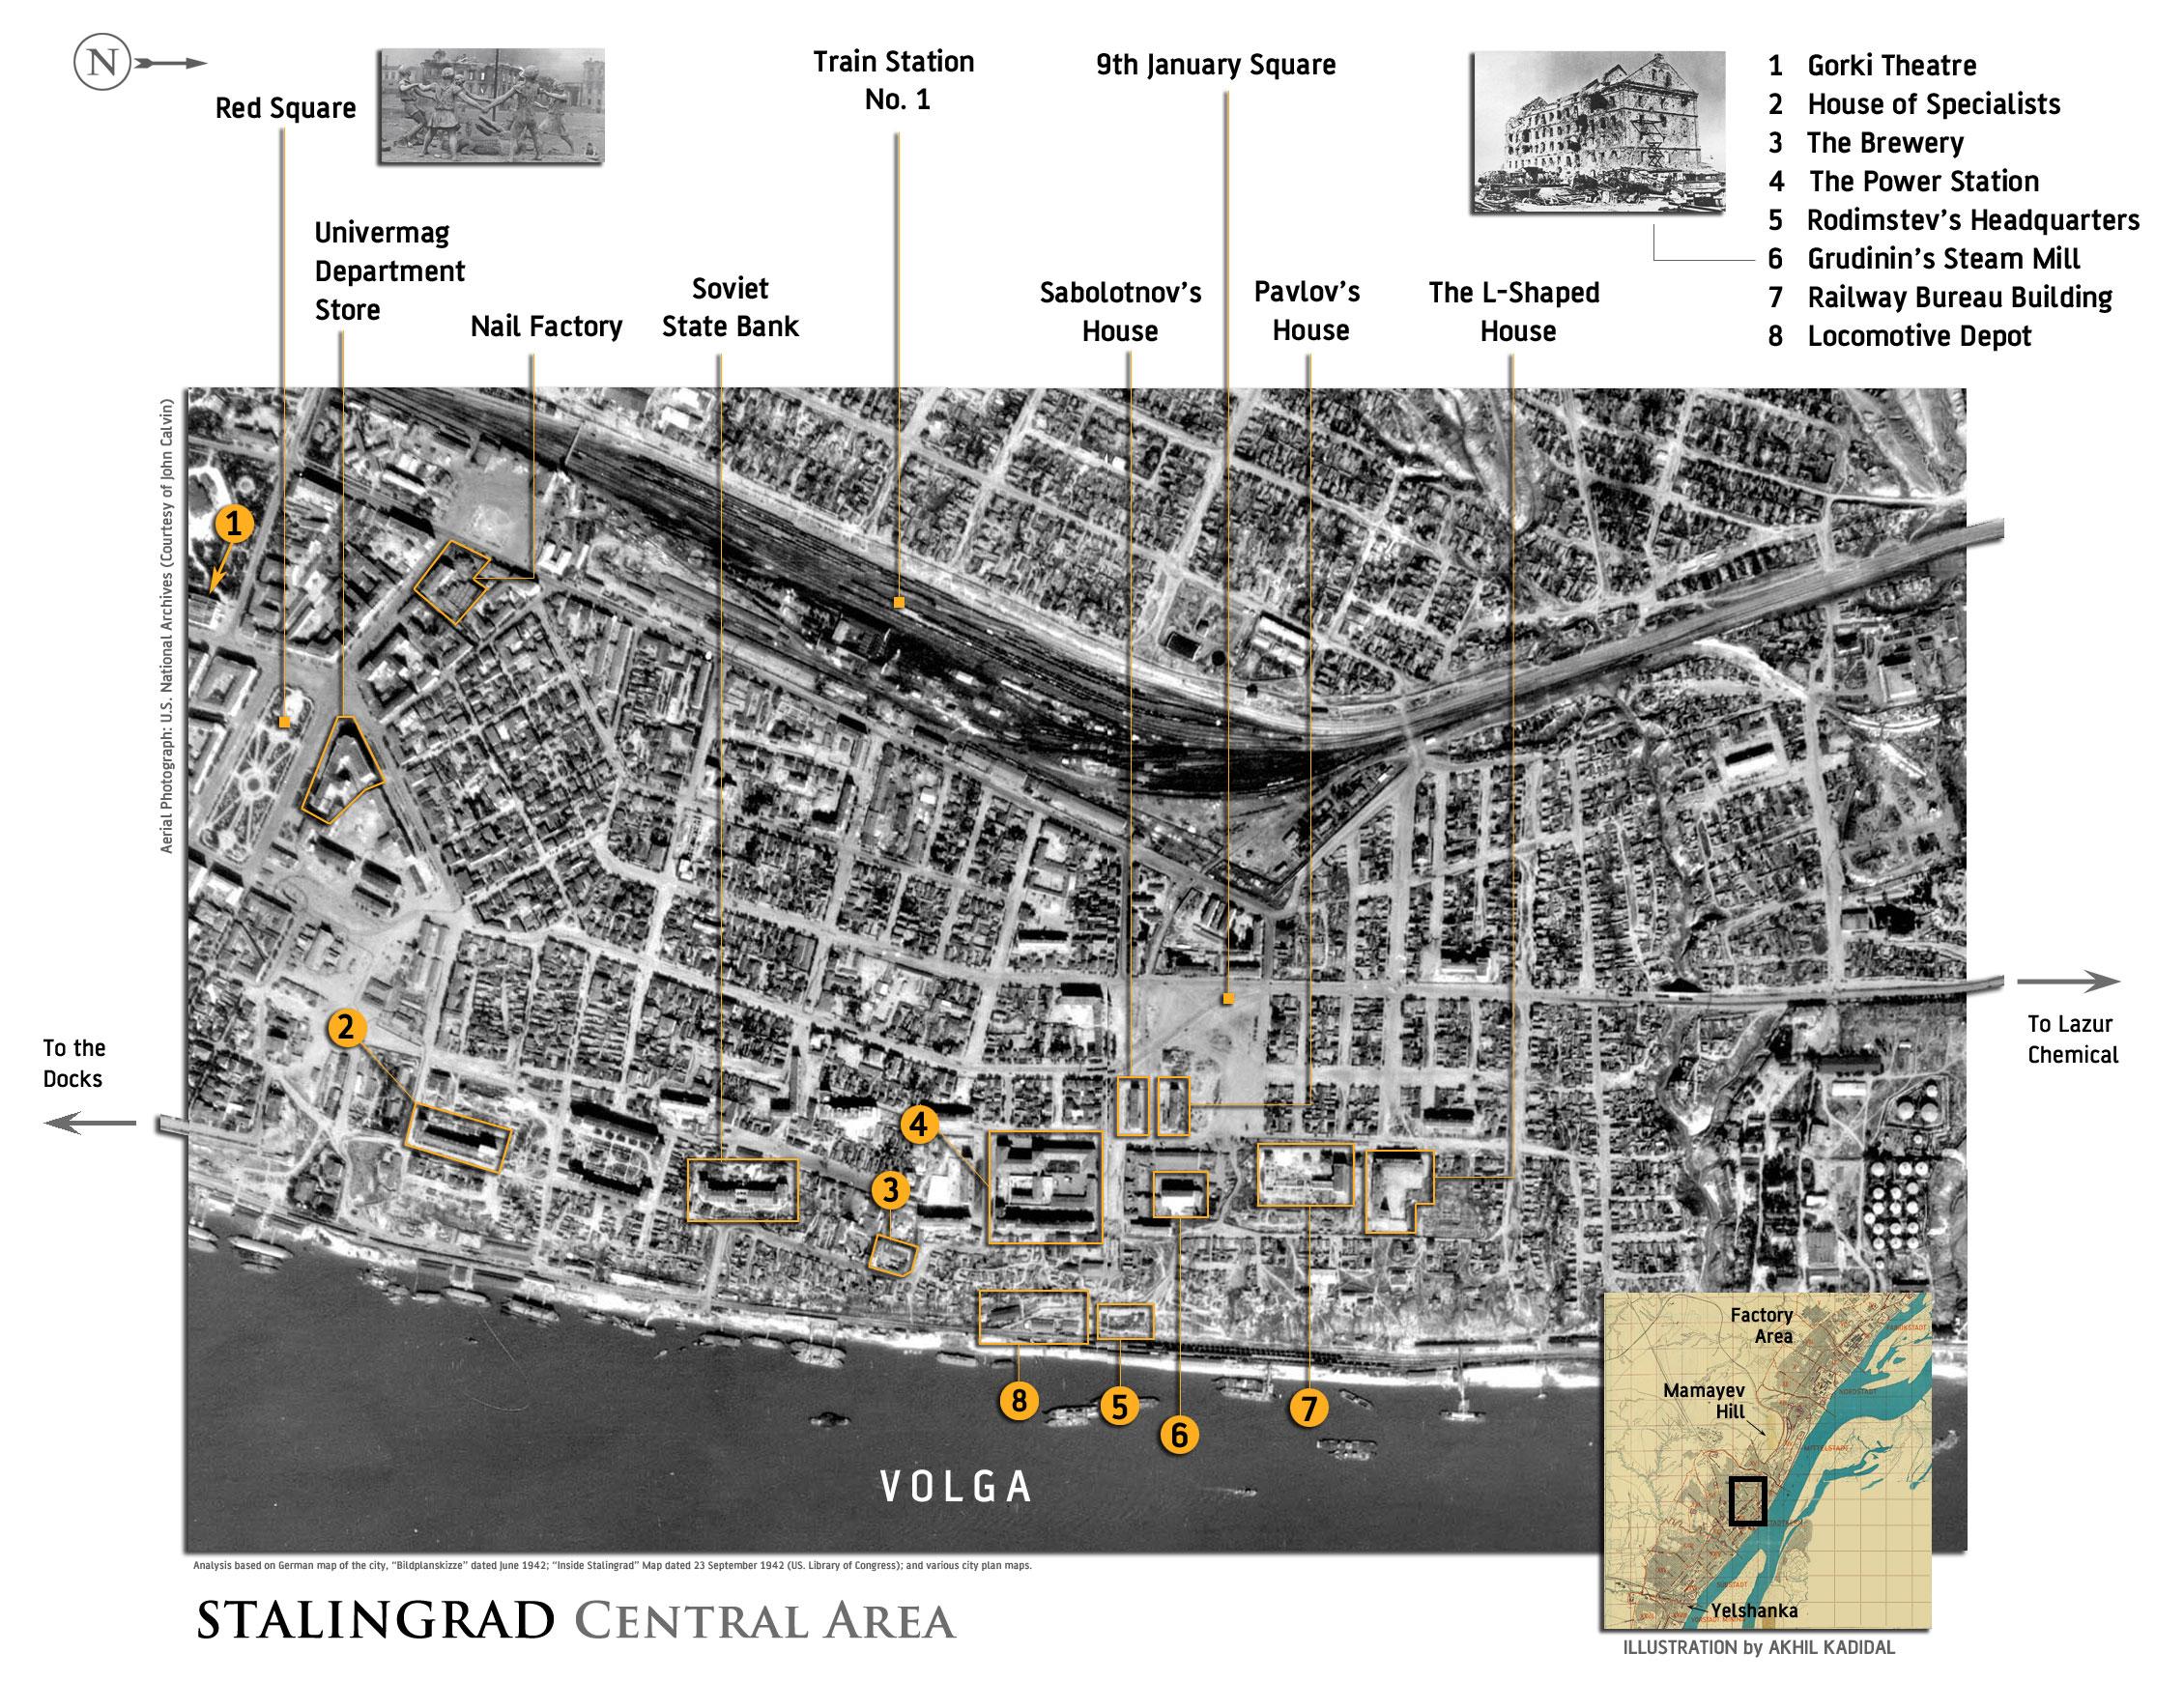 stalingrad-central-area.jpg